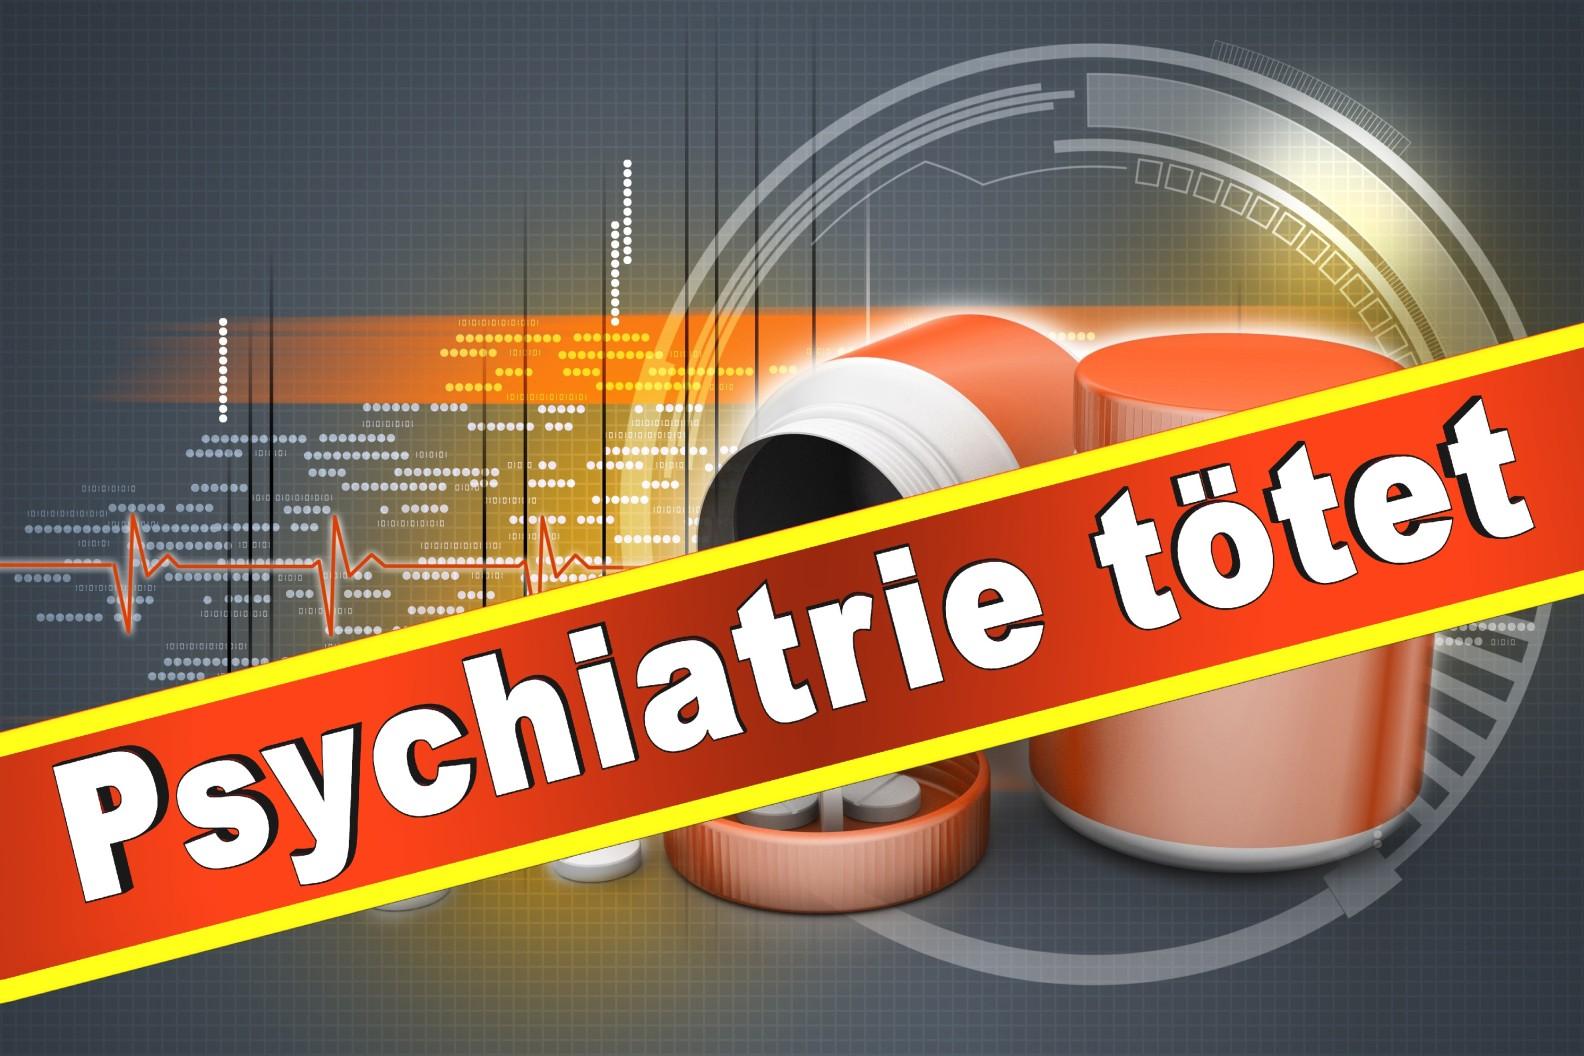 Gemeinnützige Gesellschaft Für Psychiatrie Reutlingen MbH